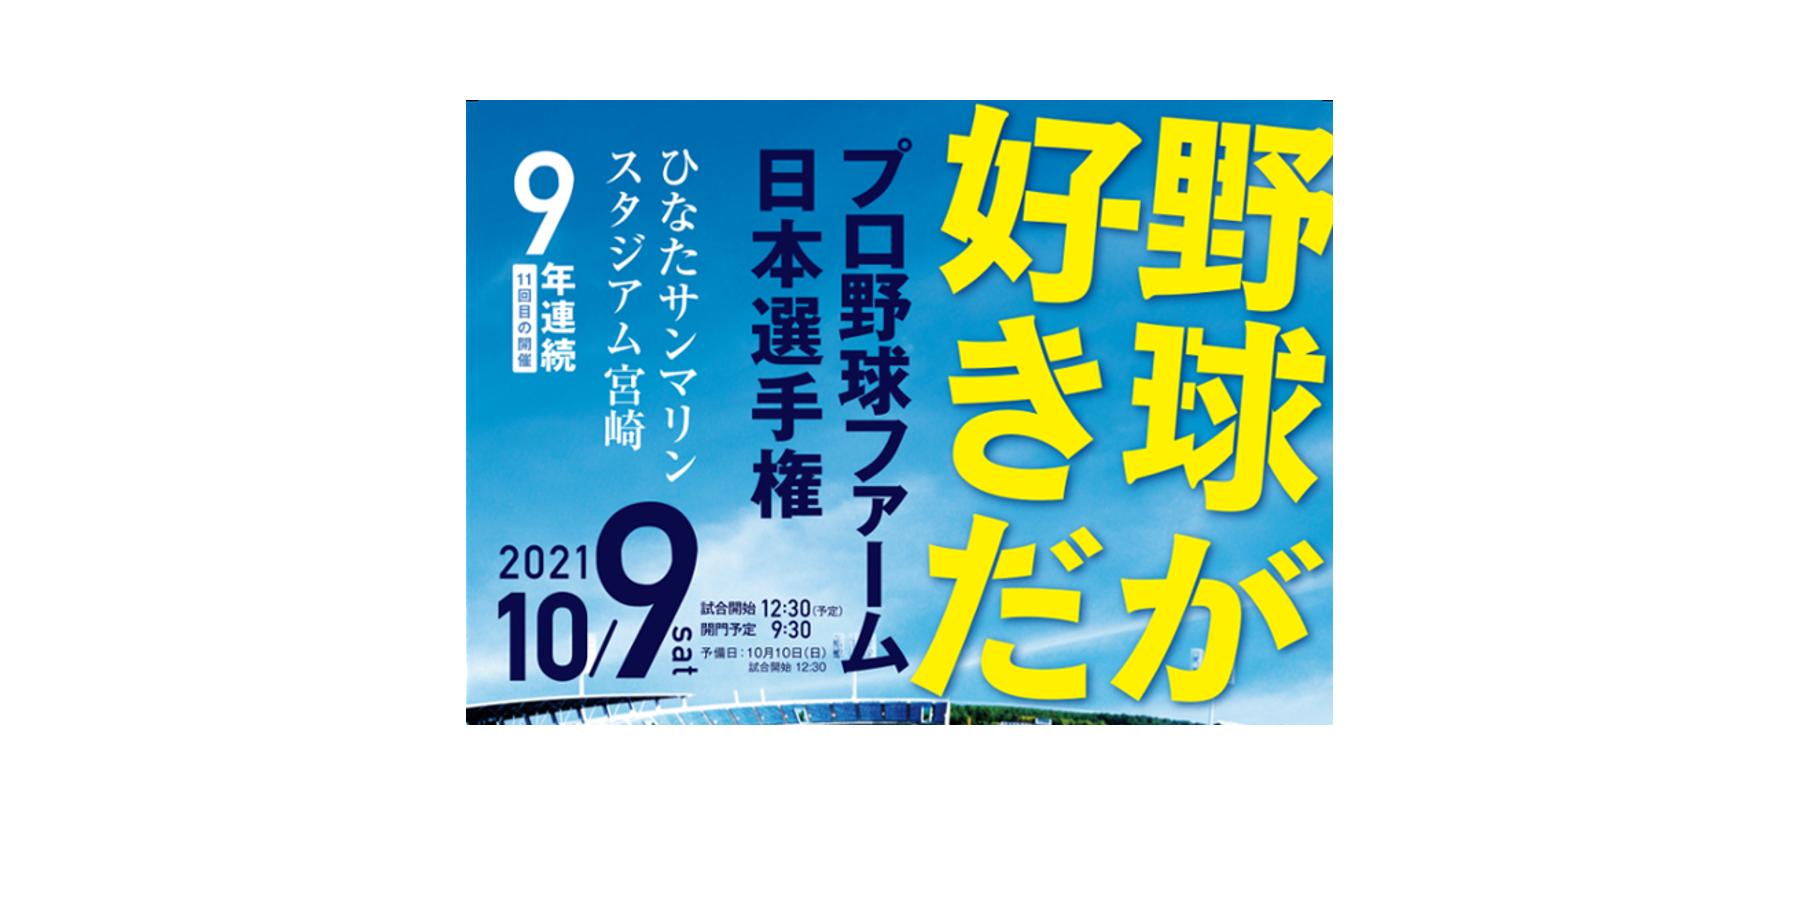 2021年プロ野球ファーム日本選手権-1